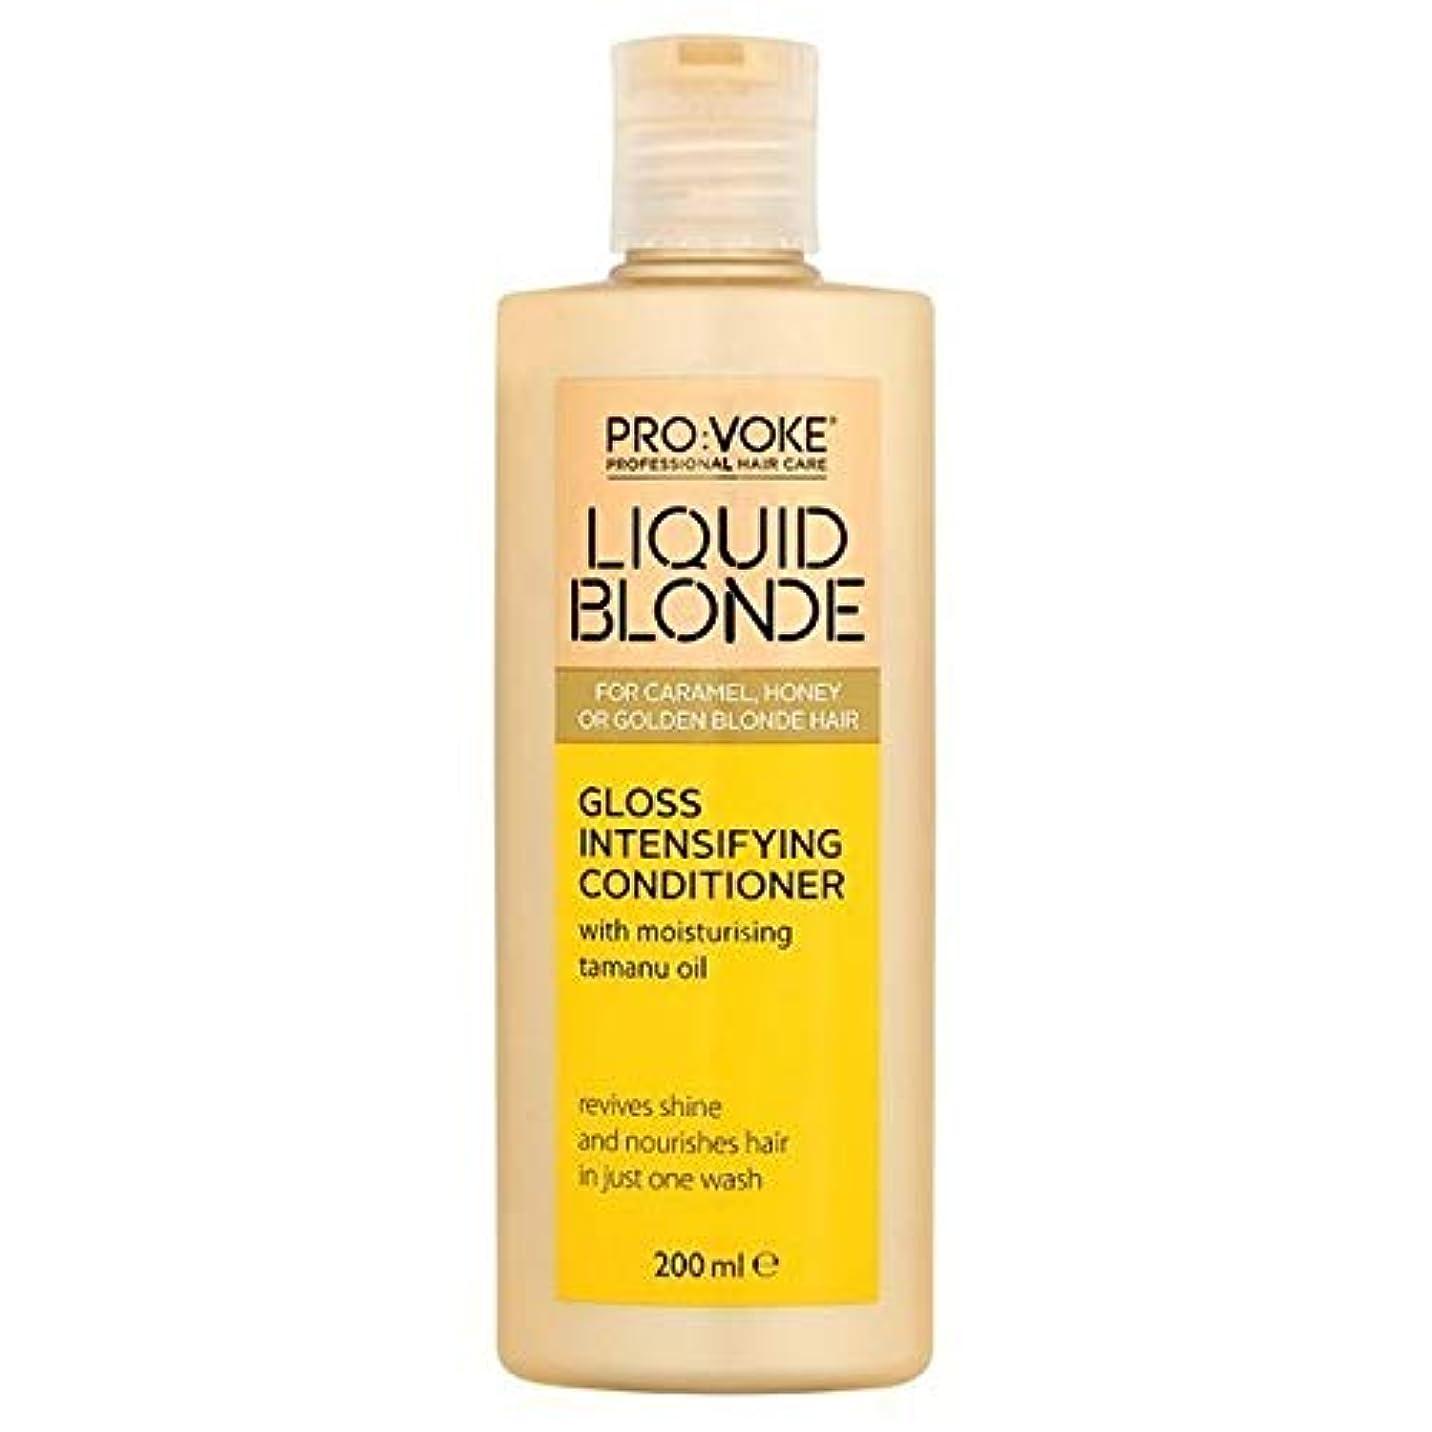 クロニクル甲虫強化[Pro:Voke] プロ:Voke液体ブロンド強烈な輝きコンディショナー - PRO:VOKE Liquid Blonde Intense Shine Conditioner [並行輸入品]